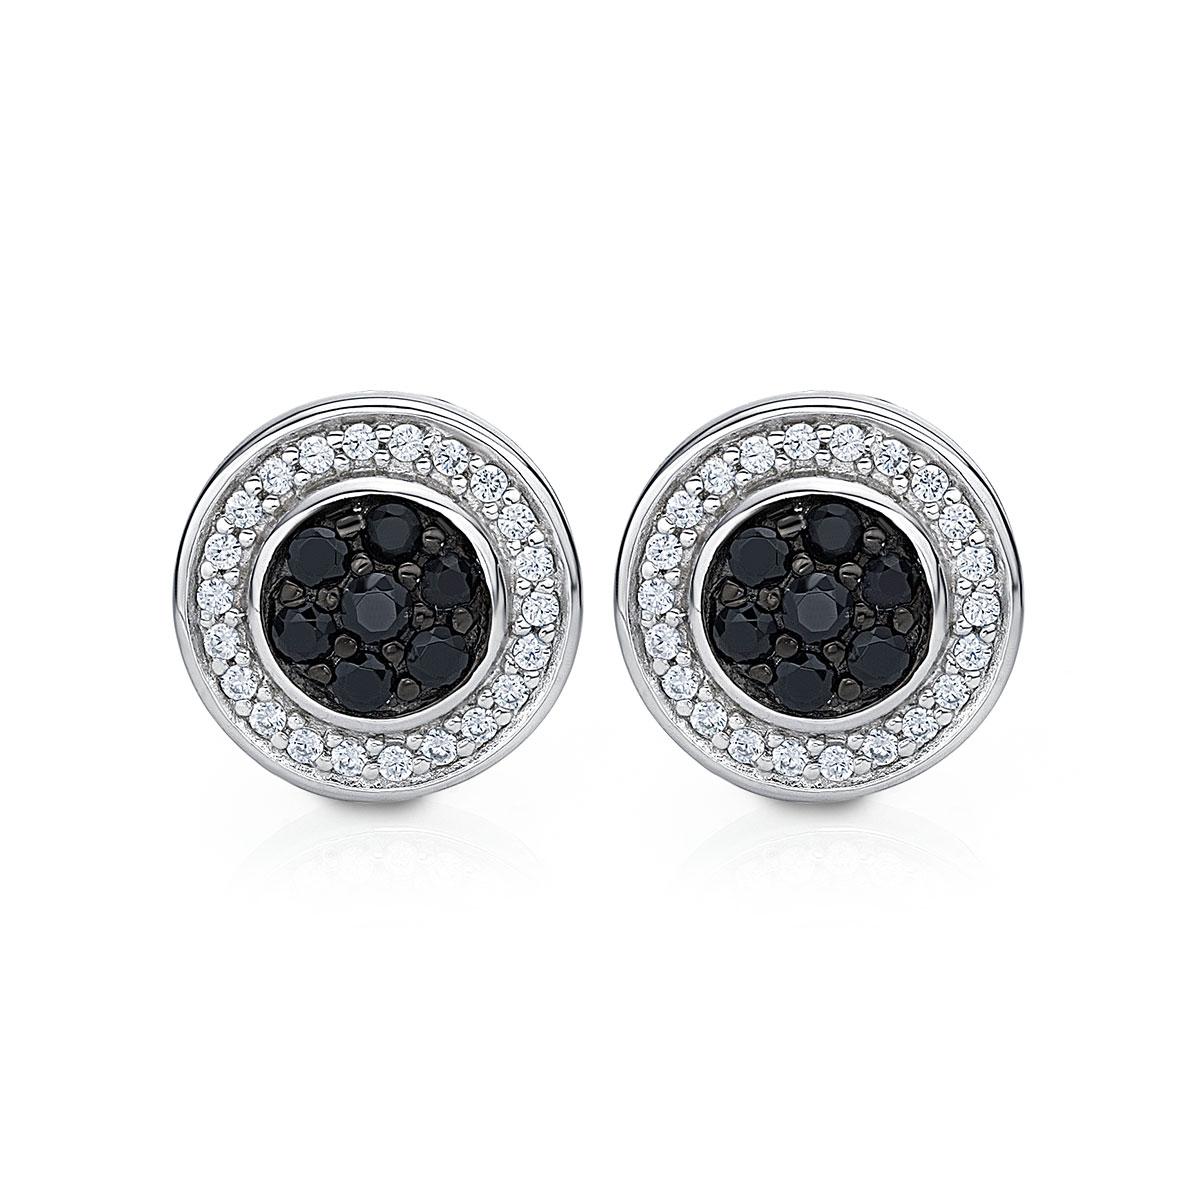 ED145 璀璨軌跡-同心圓奢華耳環/一對販售